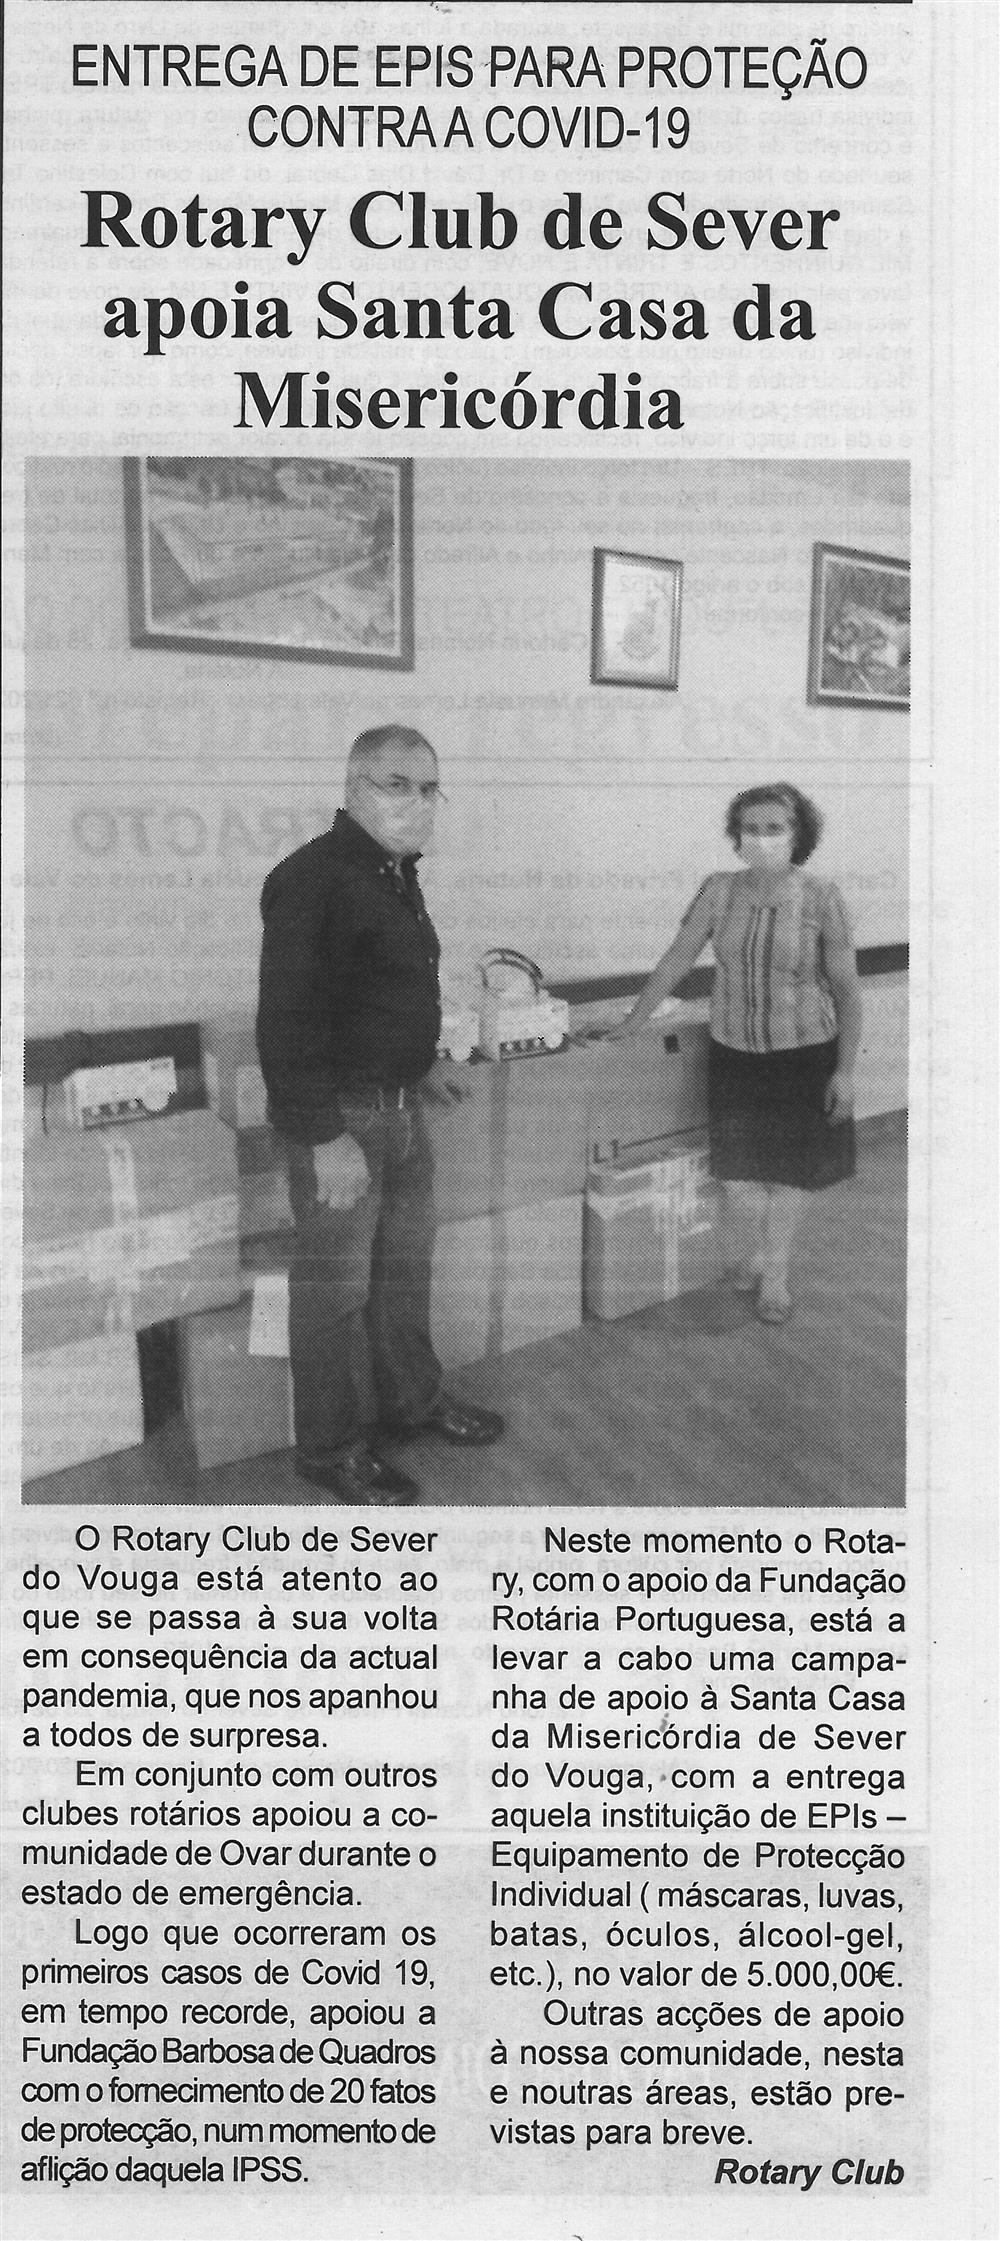 BV-2.ªago.'20-p.5-Rotary Club de Sever apoia Santa Casa da Misericórdia : entrega de EPIS para proteção contra a covid-19.jpg